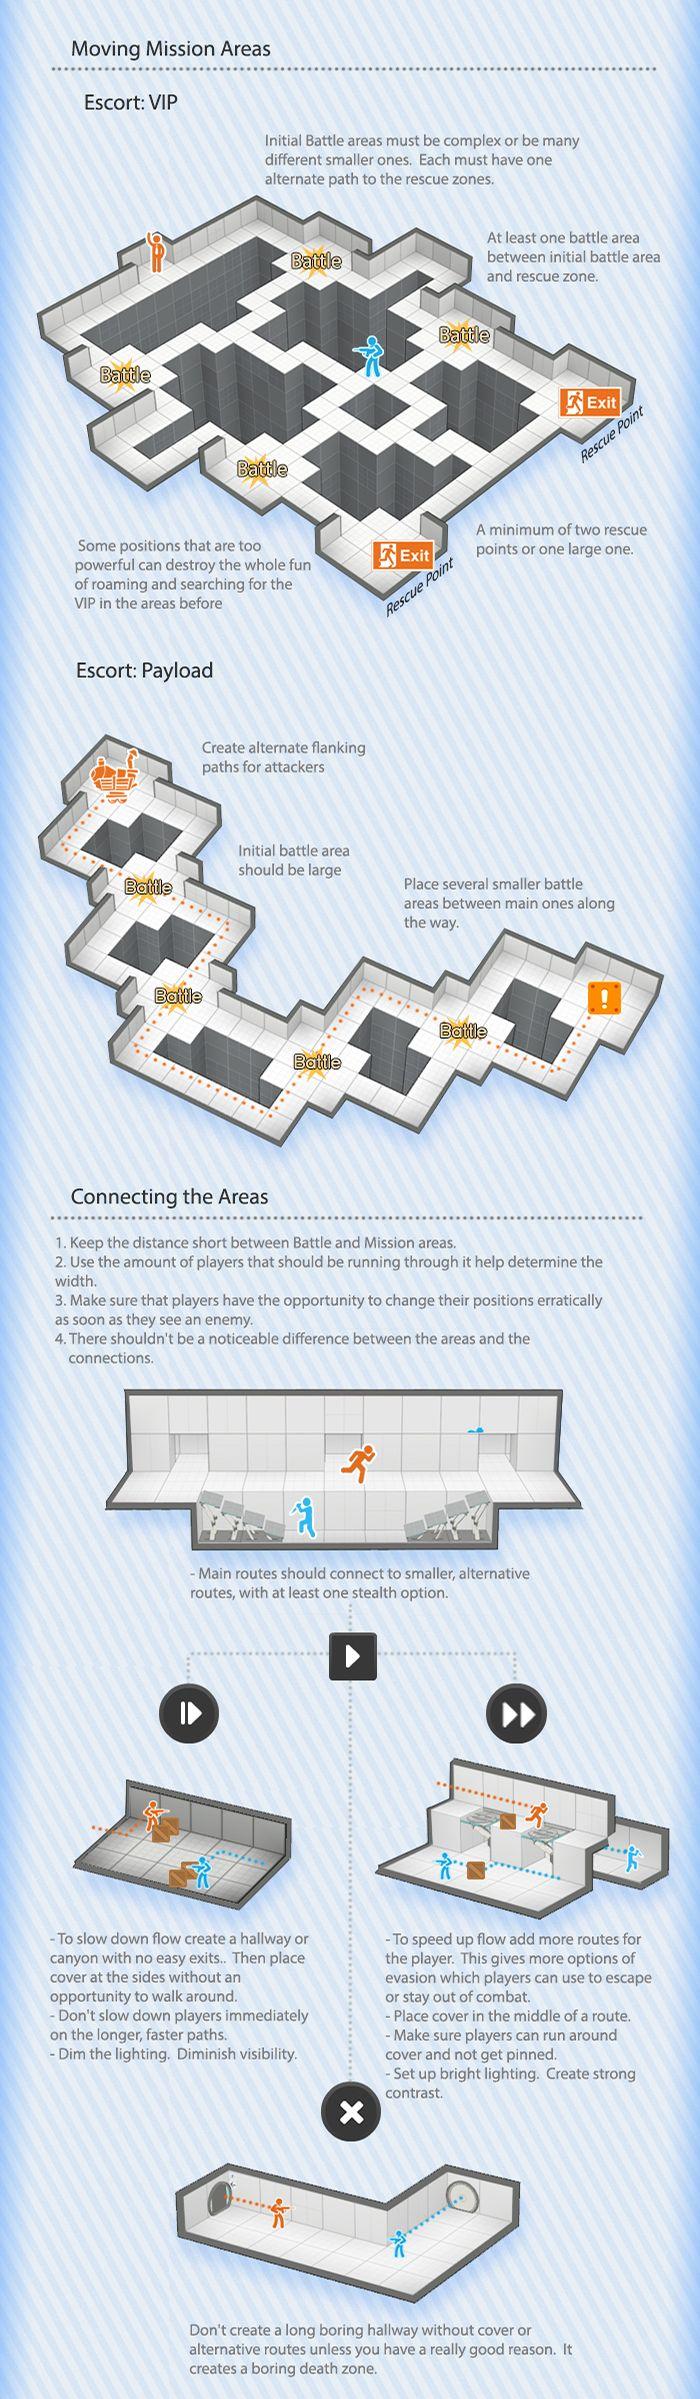 The Visual Guide for Multiplayer Level Design, Bobby Ross. Chapter 3: Tactics C.   http://bobbyross.com/blog/2014/6/29/the-visual-guide-for-multiplayer-level-design